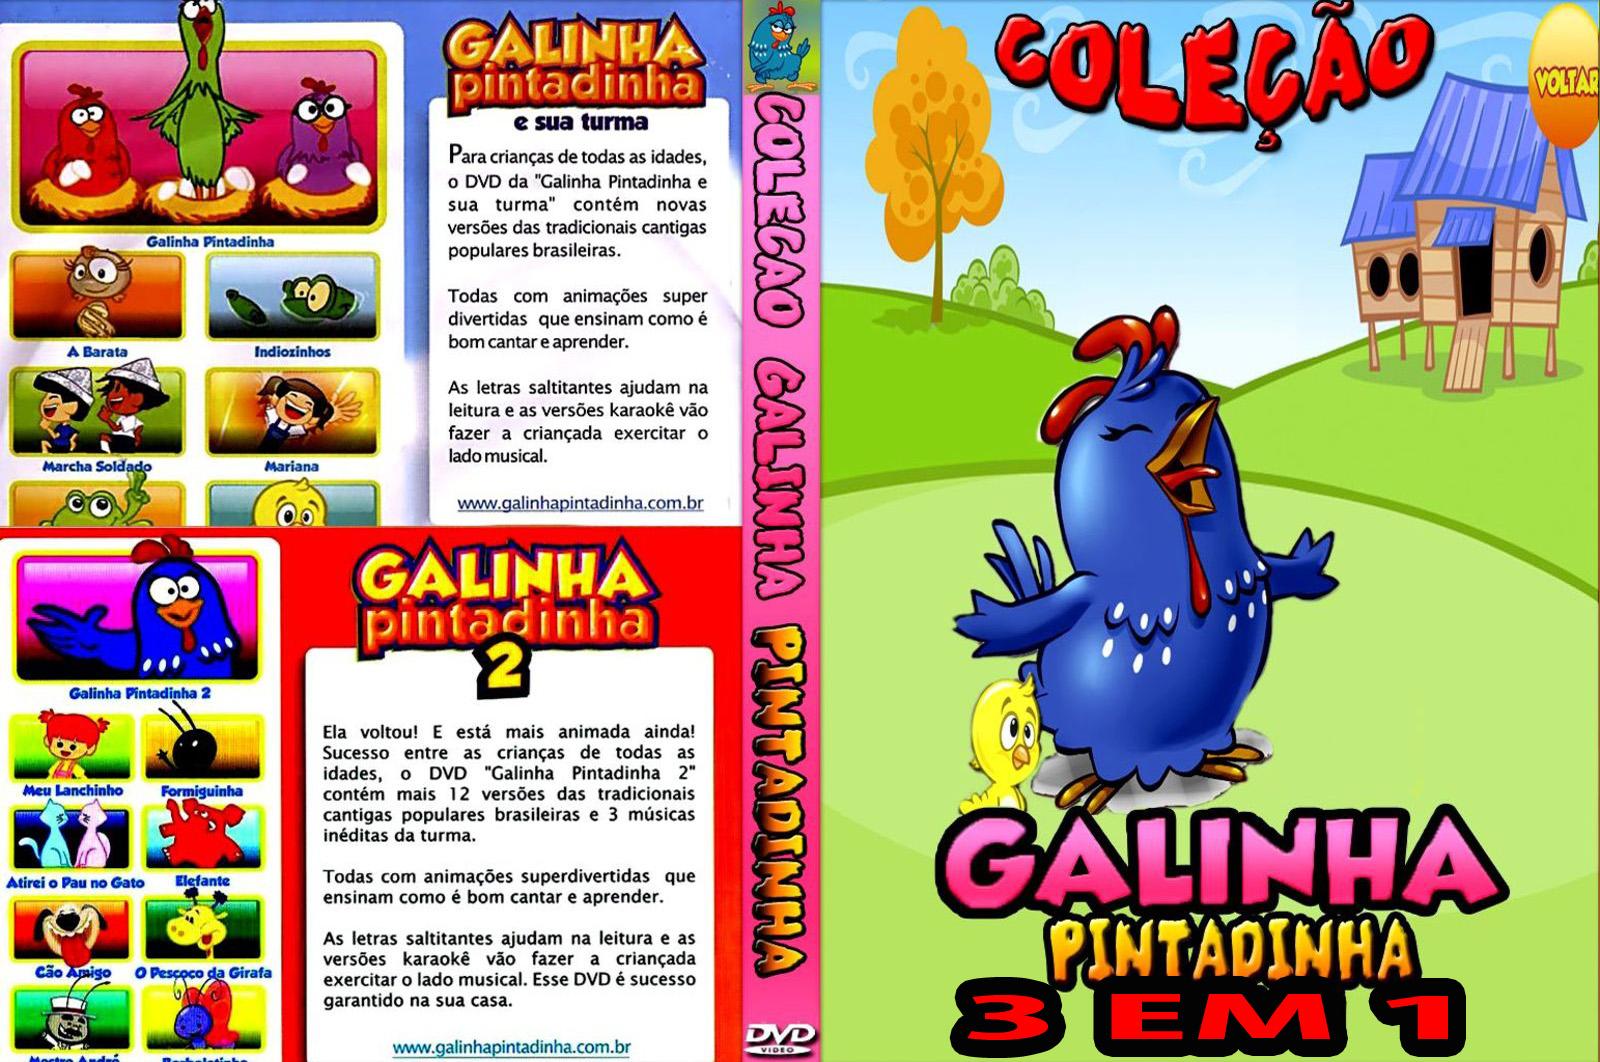 https://www.malavida.com/br/soft/turma-da-galinha-pintadinha/iphone/